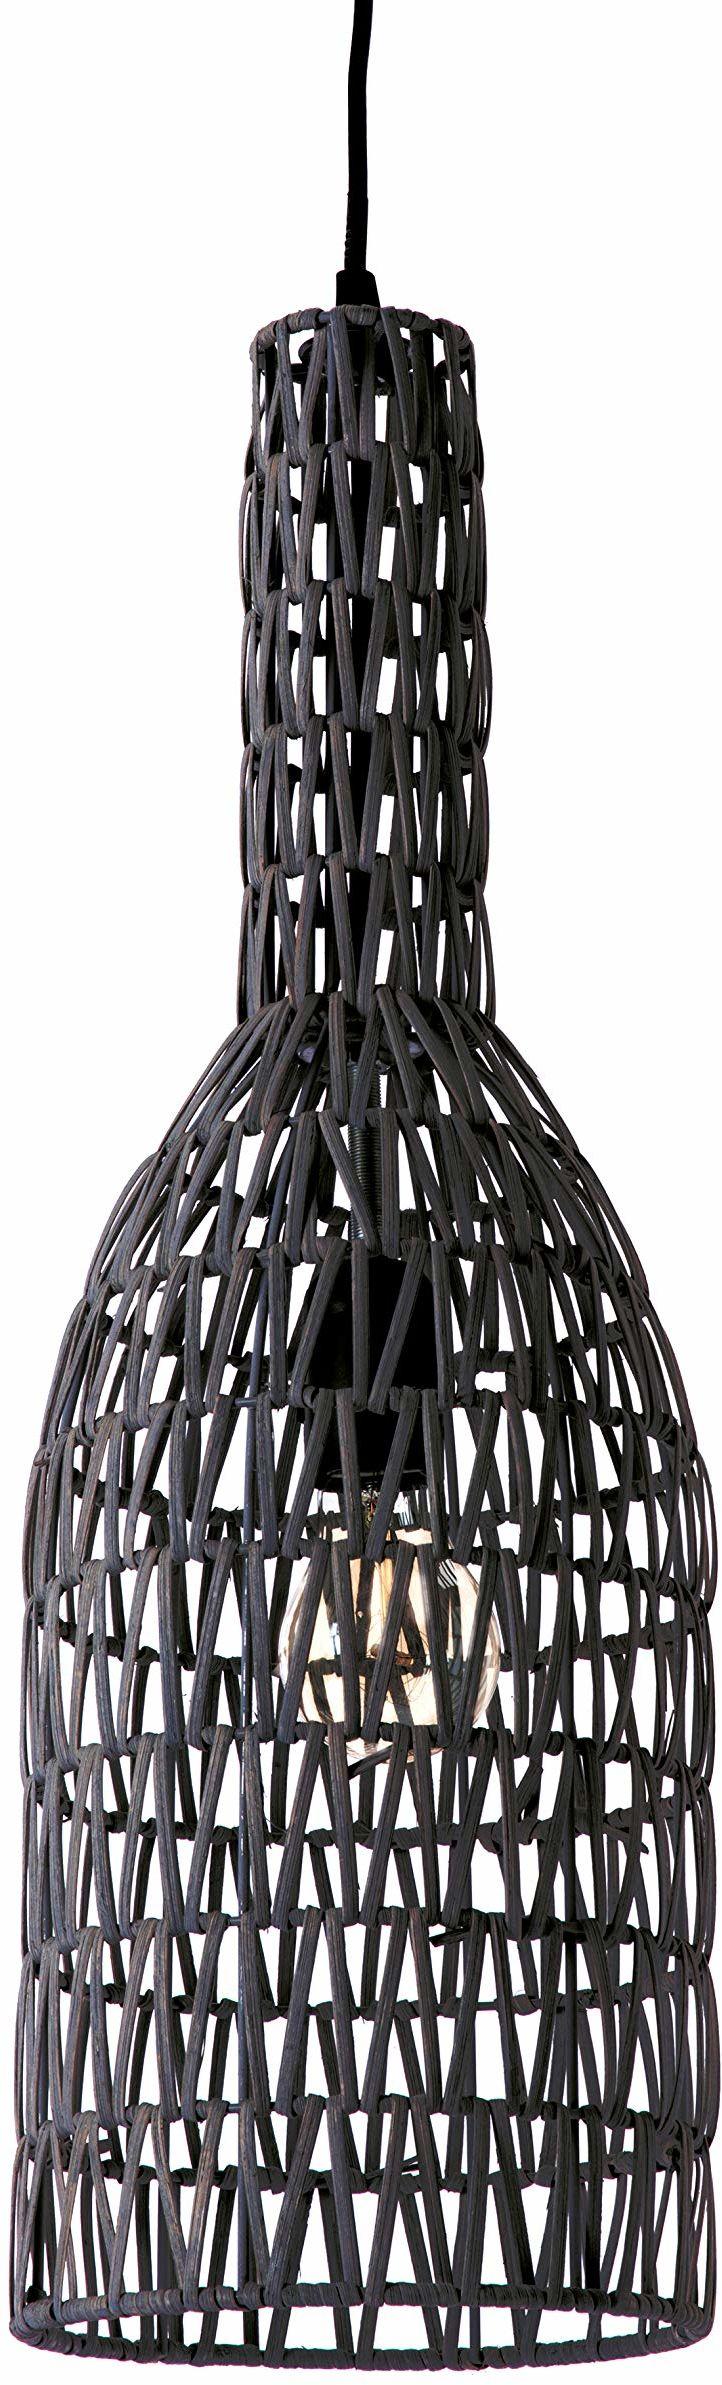 Lussiol 250272 lampa wisząca, rattan, 60 W, czarna, ø 15 x wys. 60 cm